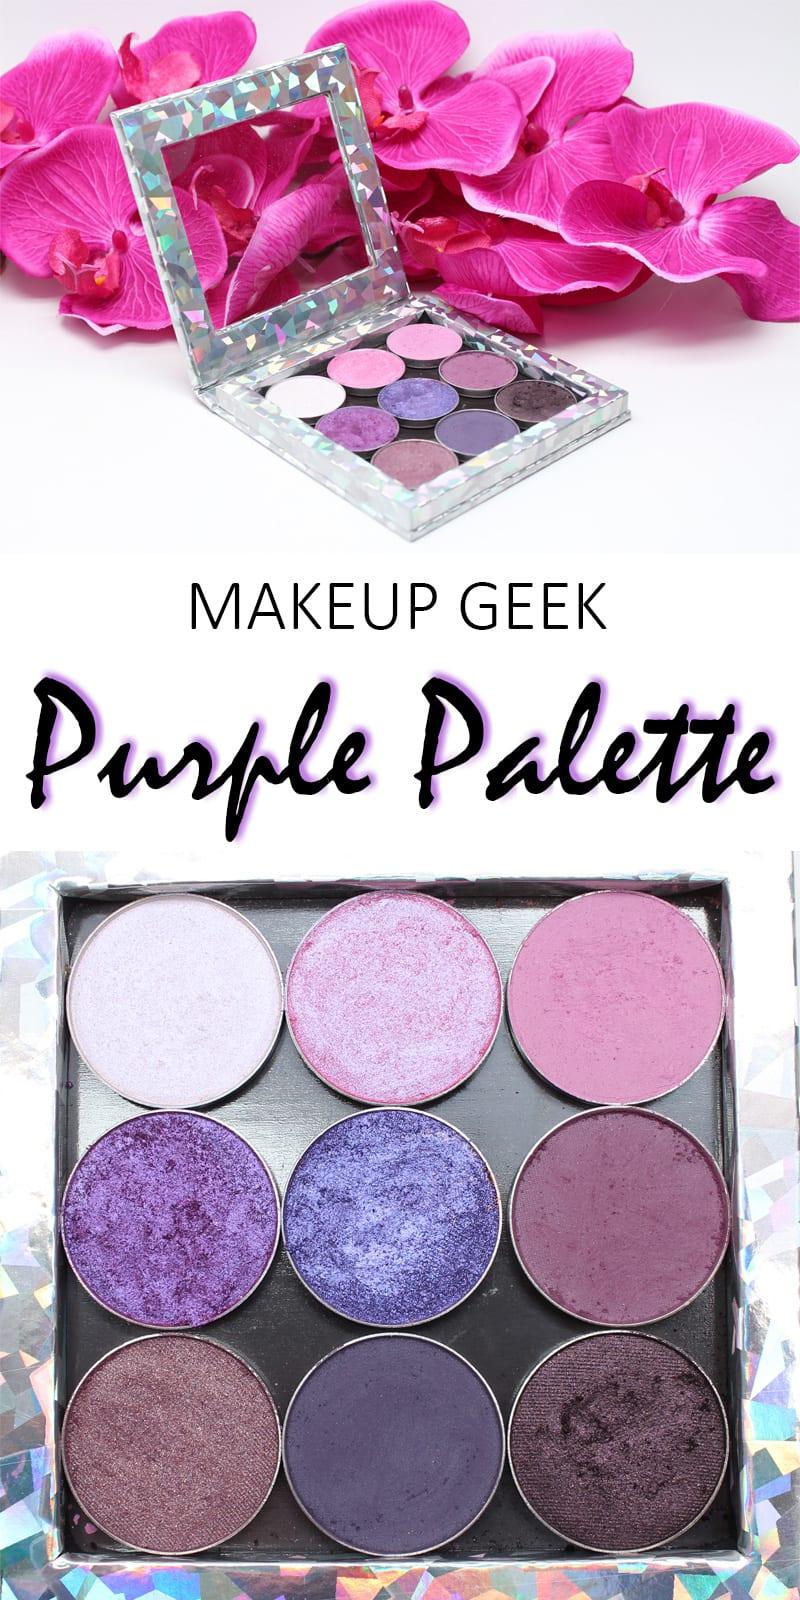 Makeup Geek Purple Palette